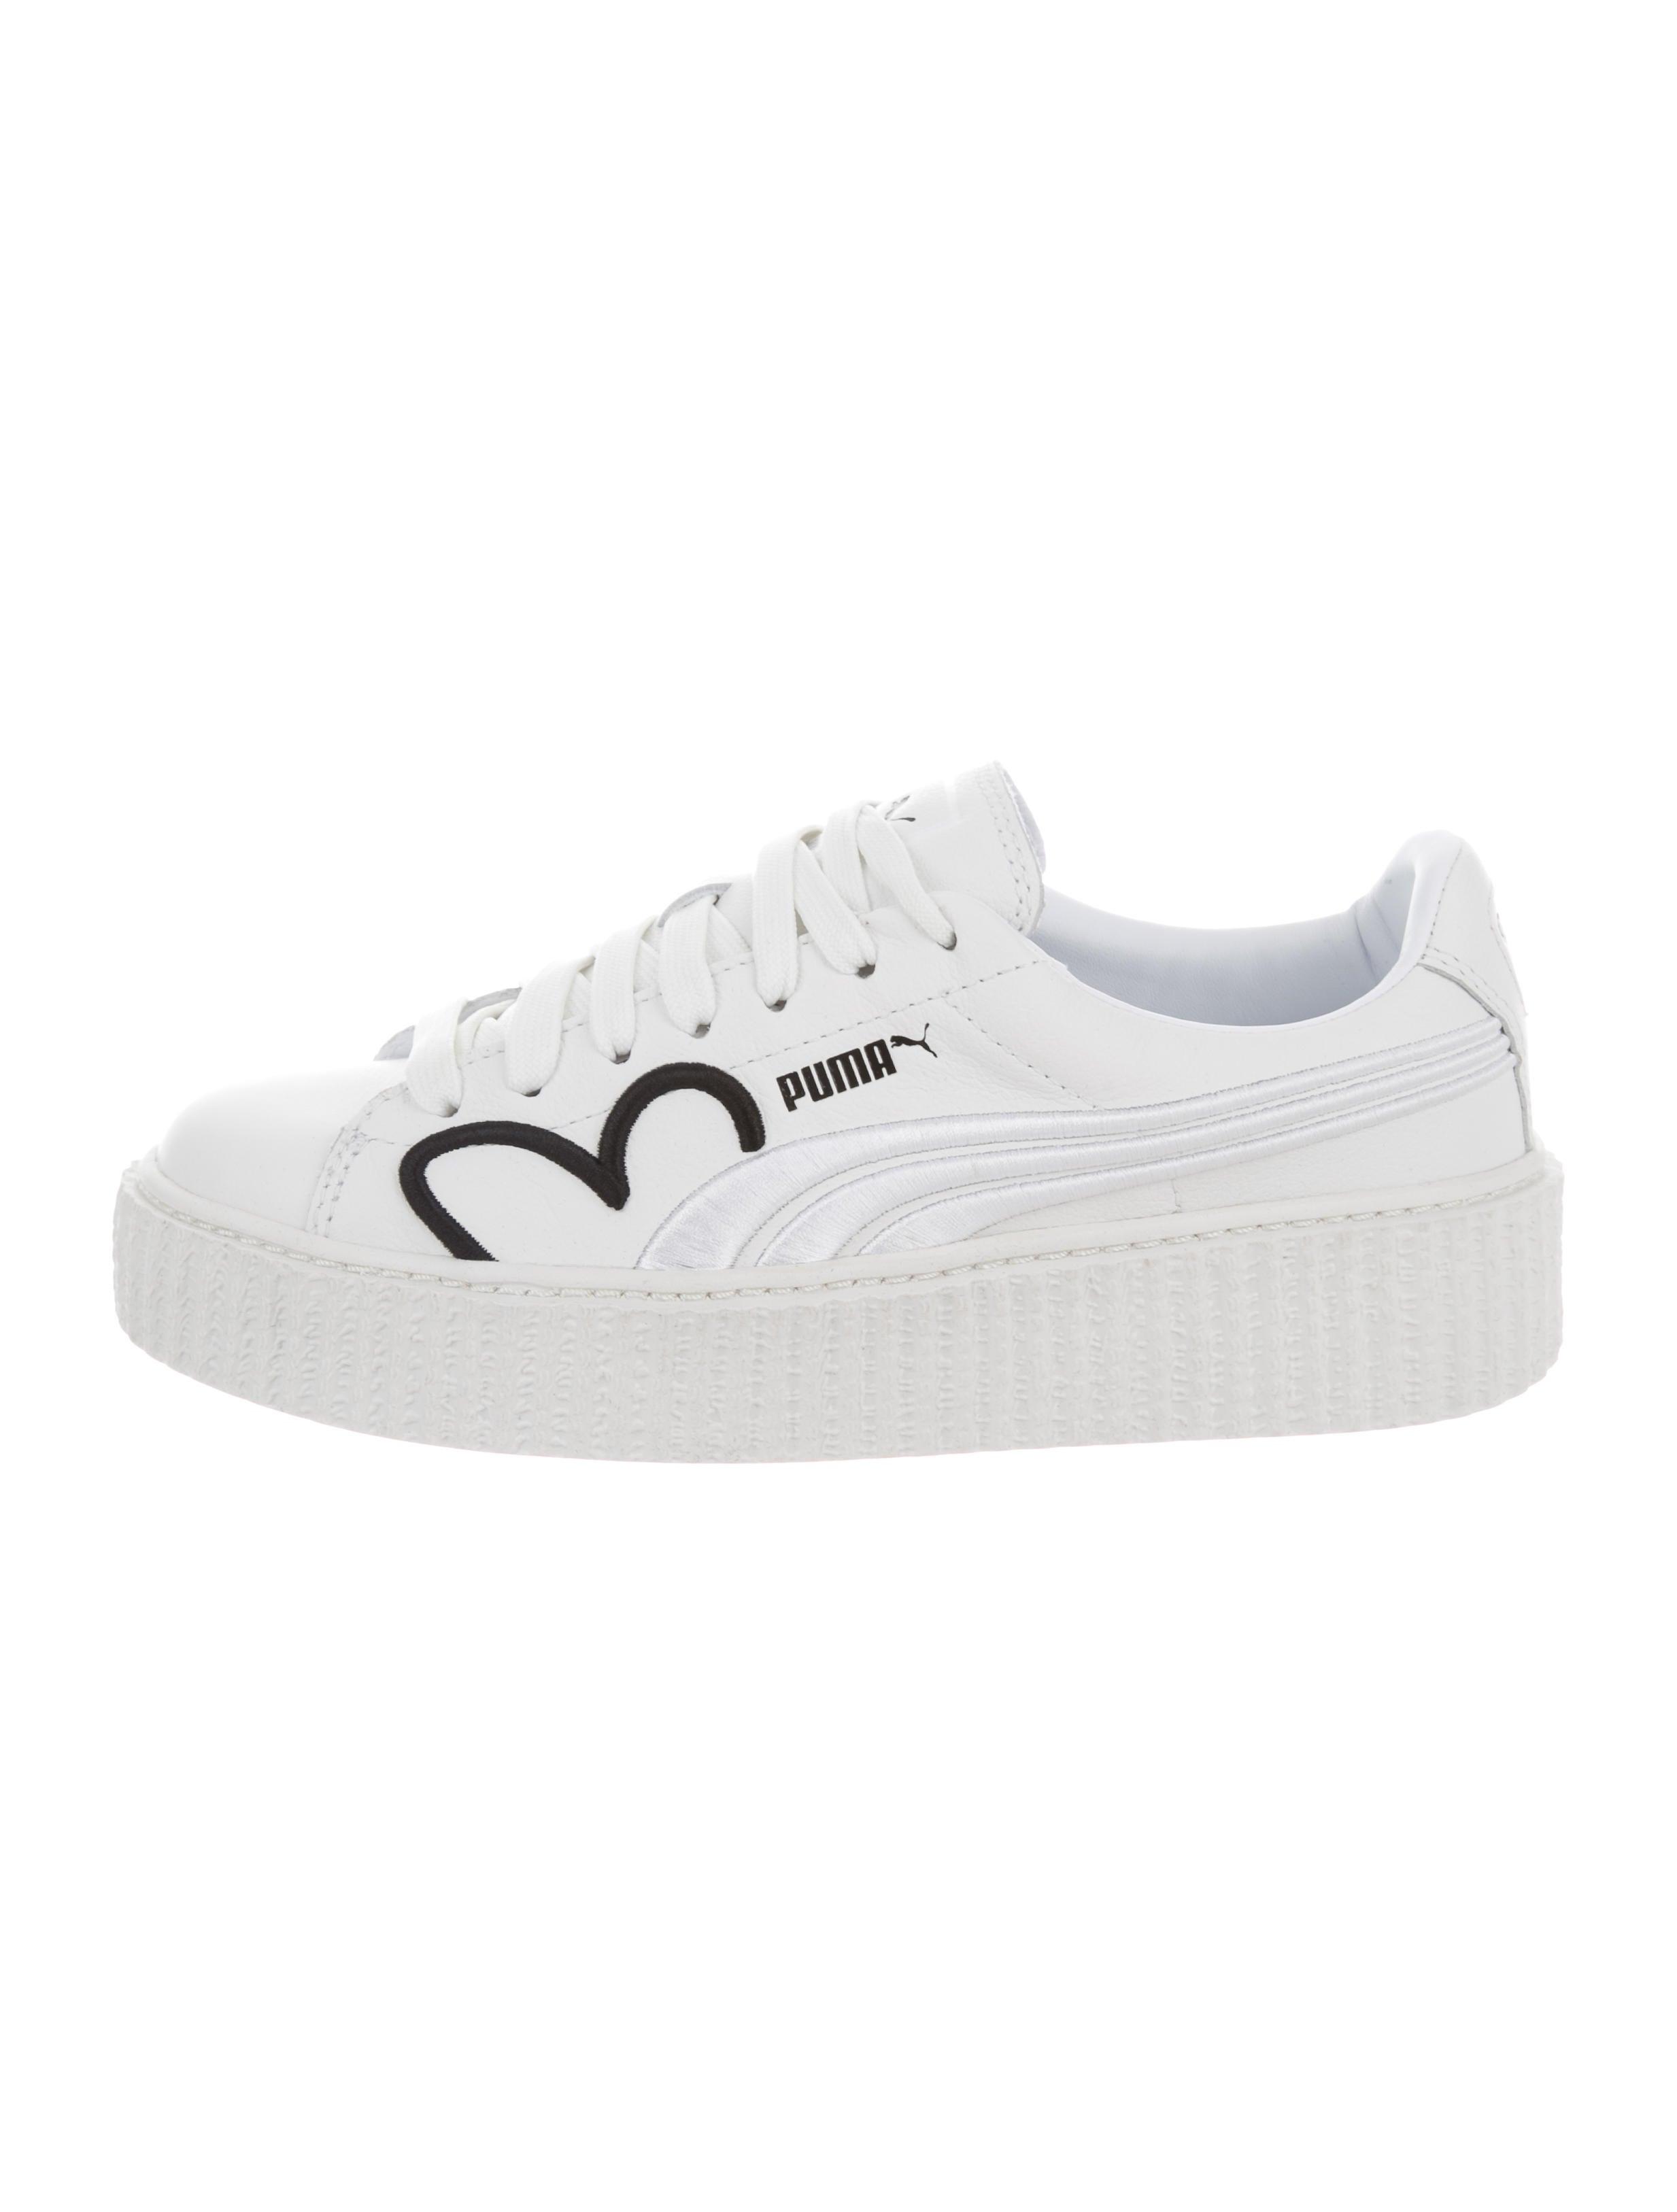 Fenty x Puma Clara Lionel Creeper Sneakers w  Tags - Shoes ... af215582f